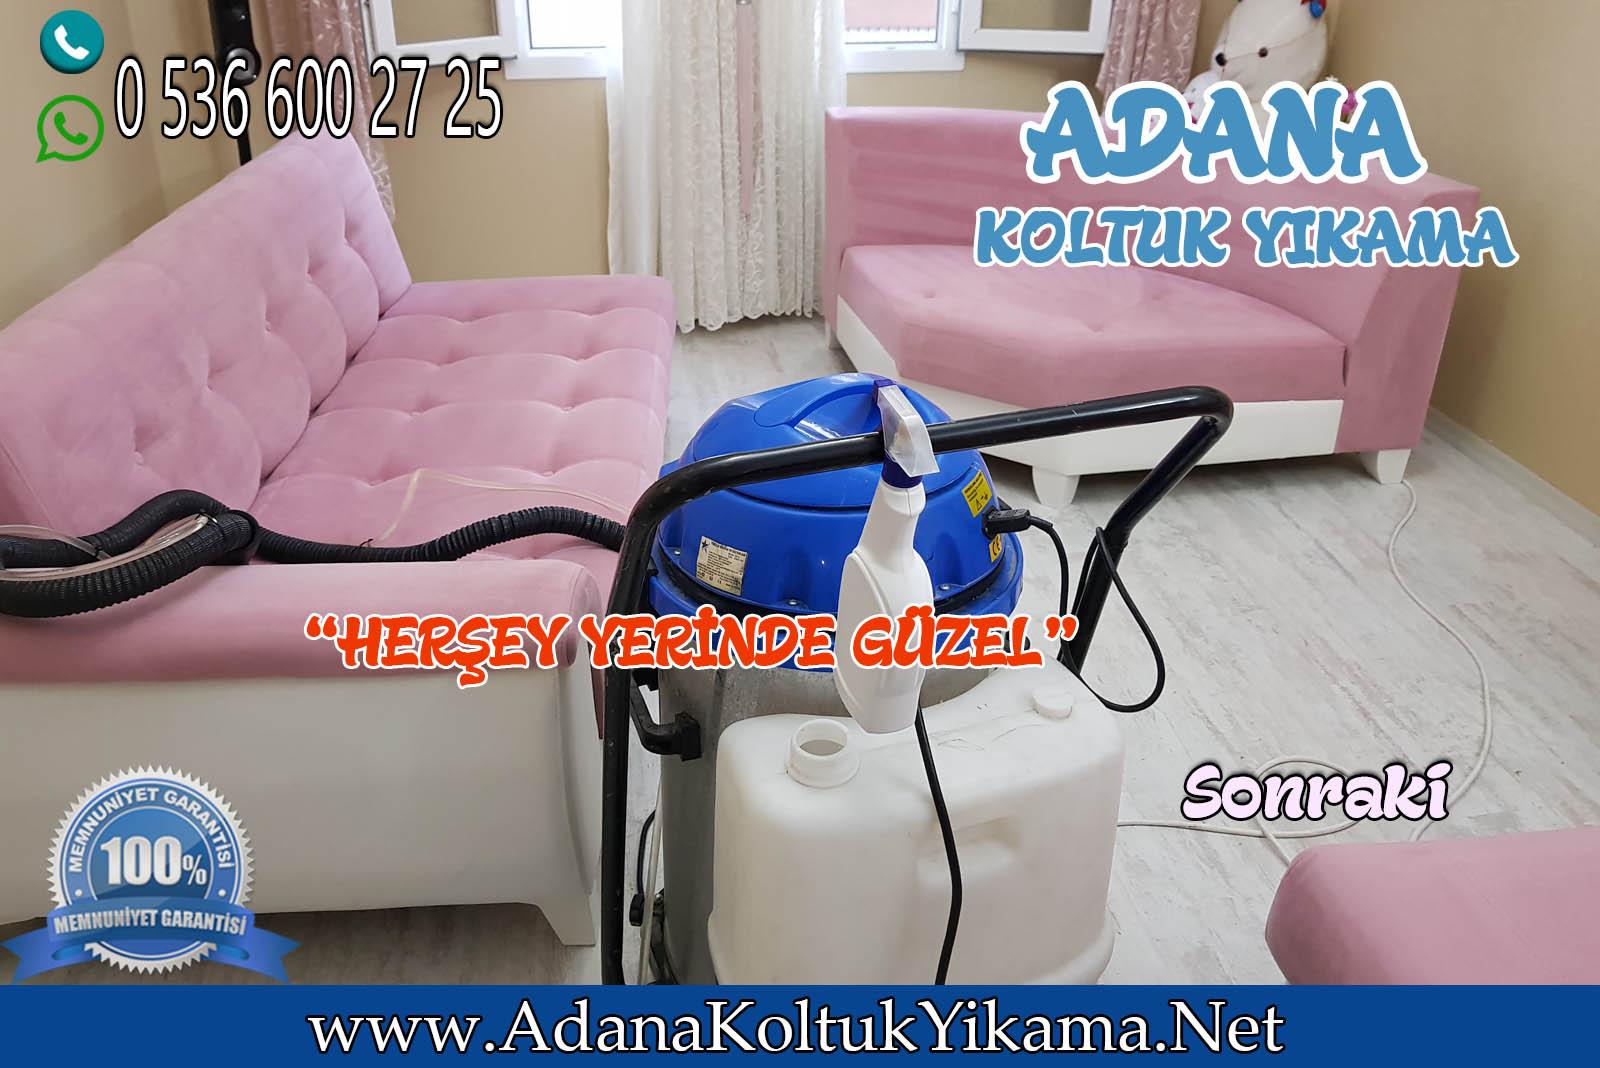 Adana Koltuk Yıkama + Pınar Mahallesi L Koltuk Yıkama